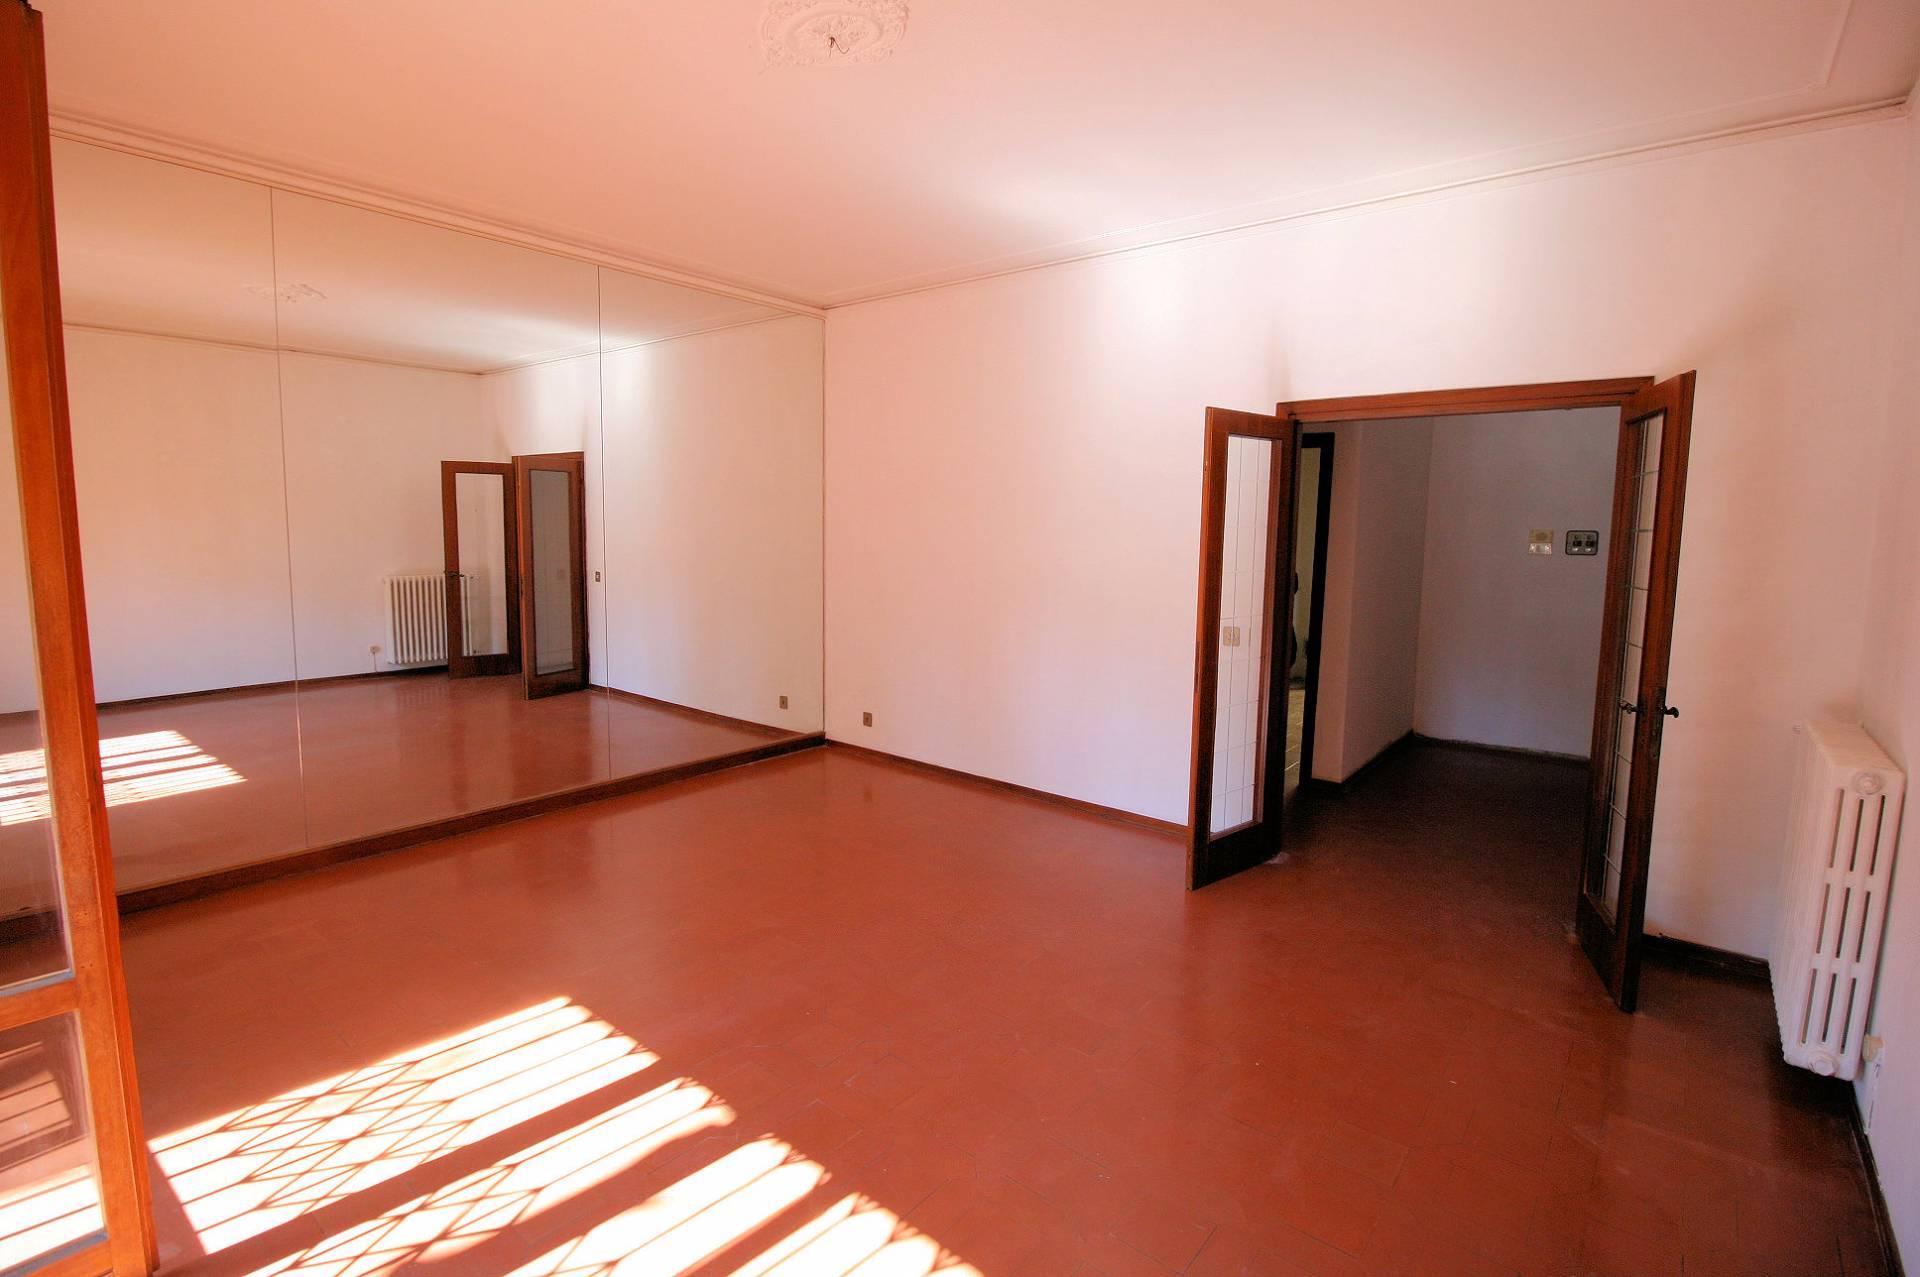 Appartamento in vendita a Montecatini-Terme, 5 locali, prezzo € 189.000 | Cambio Casa.it